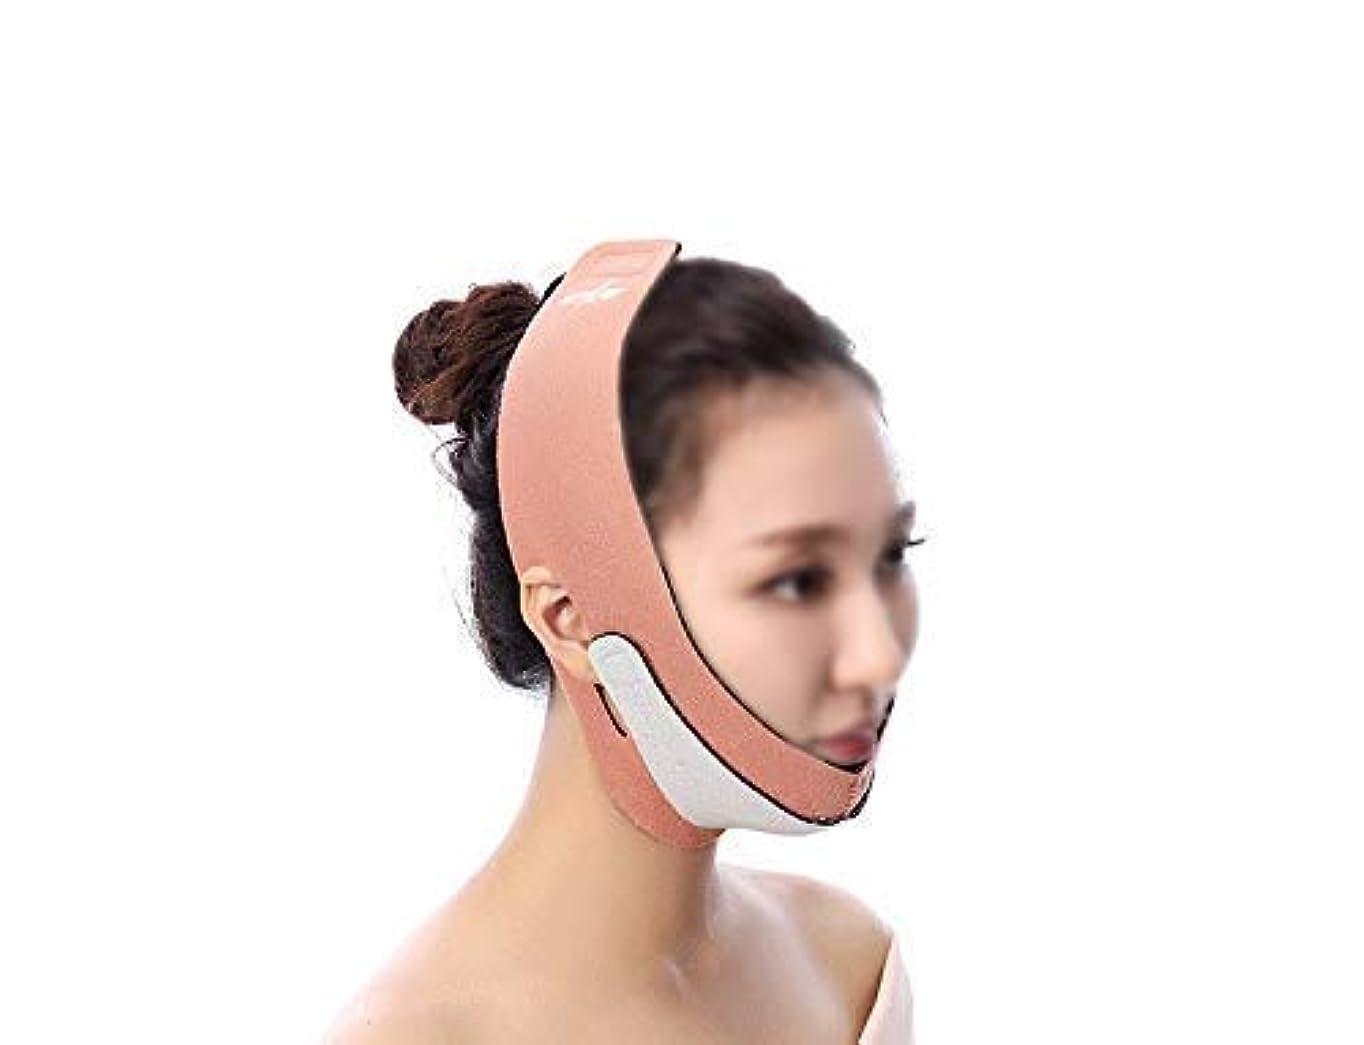 ジョセフバンクス降臨永続顔のマッサージ師の二重あごの包帯ベルトを細くするヘルスケアの薄い顔のマスク